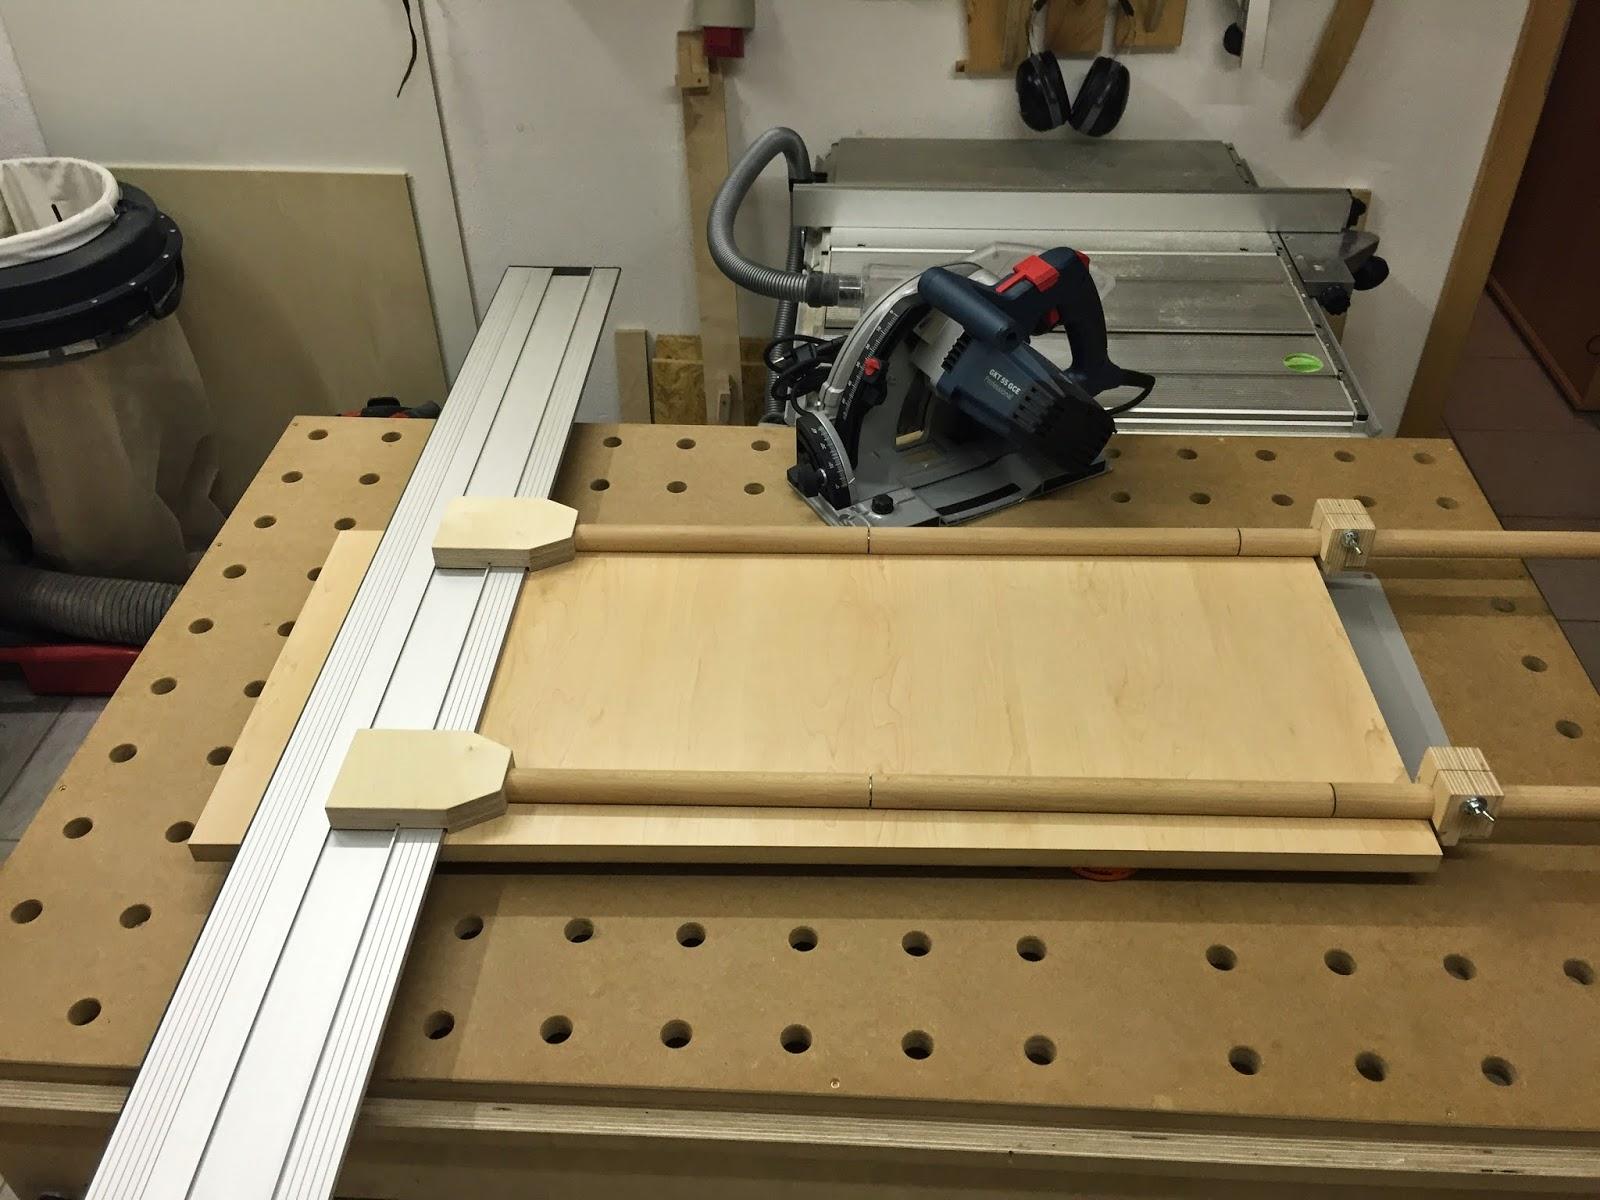 Ma anschlagschienen 2 0 anschlagschienen f r bosch mafell f hrungsschienen - Werkzeugwand selber bauen ...